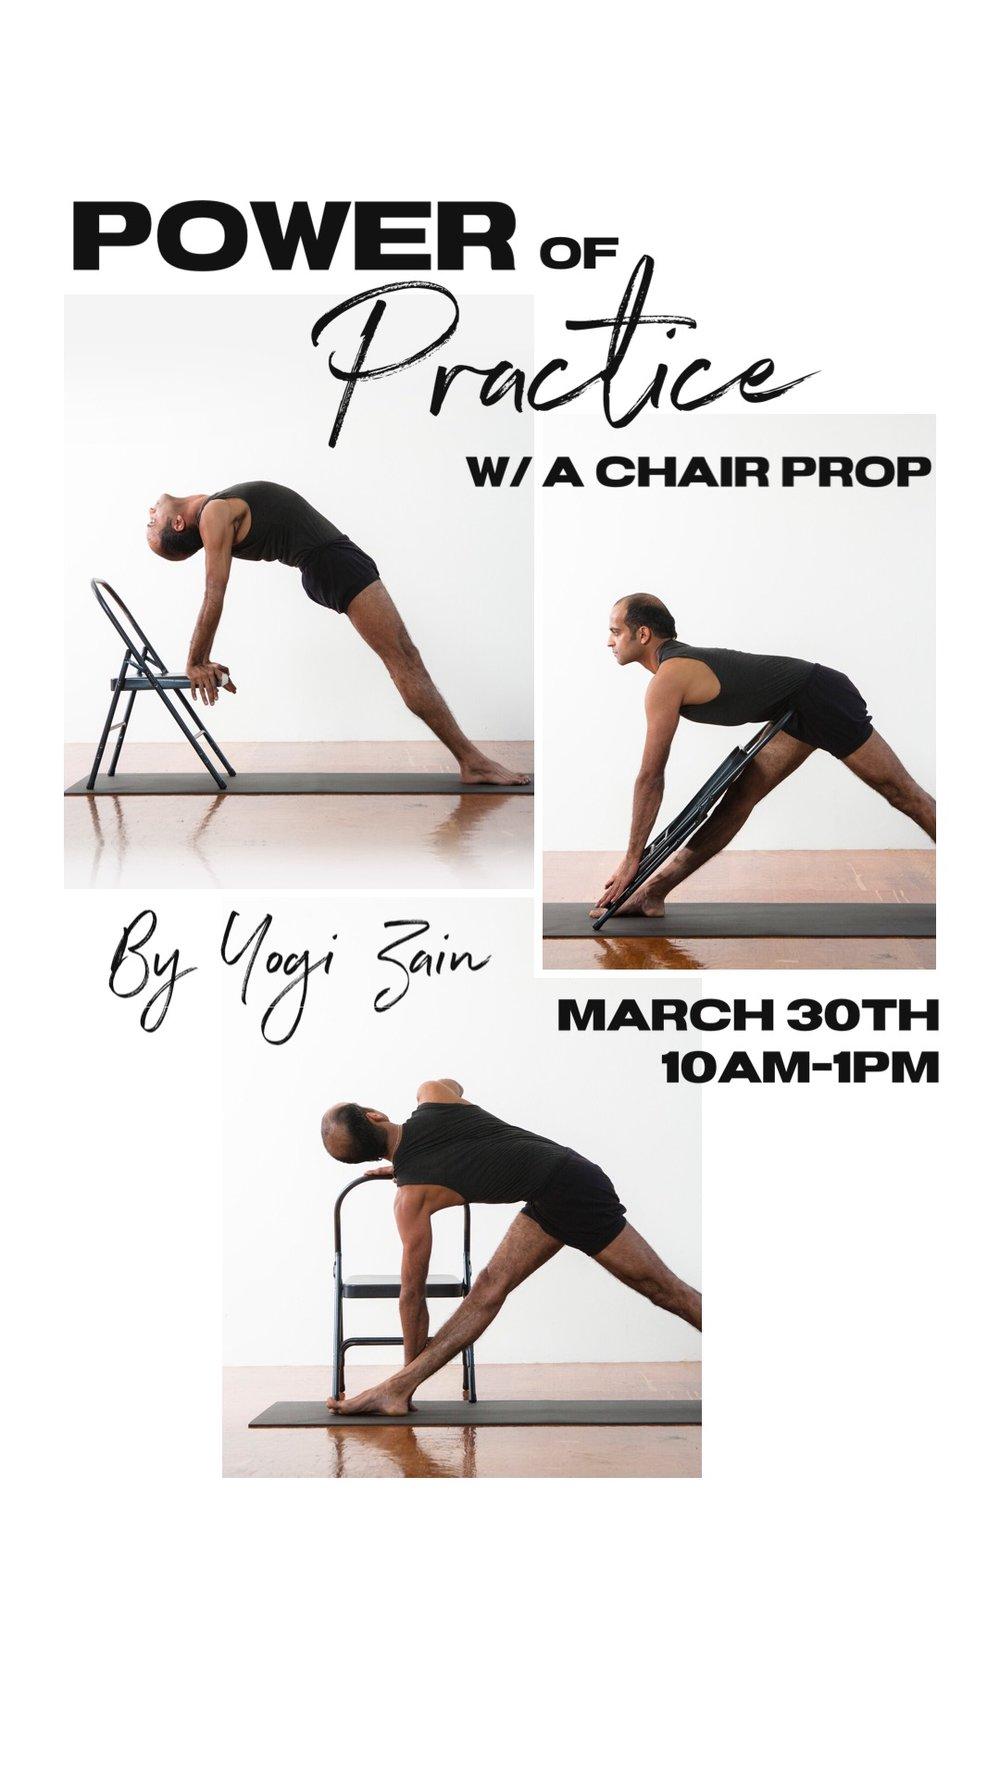 yogi-zain-chair-prop-workshop.JPG